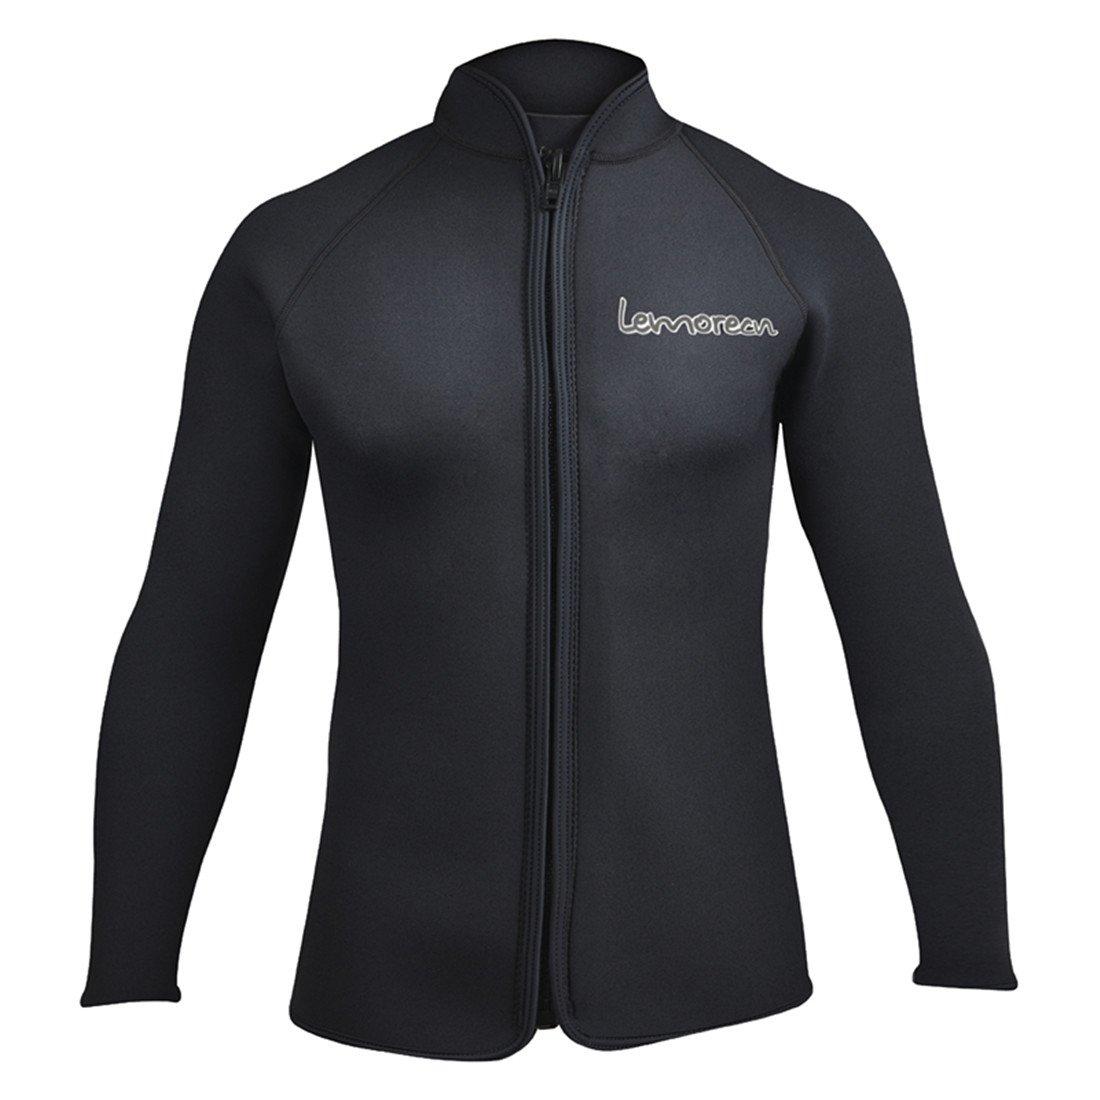 品質が Lemorecn 大人用 3mm ウェットスーツ 3mm 大人用 ジャケット ジャケット 長袖 ネオプレン ウェットスーツ トップ B01M4ROO2A ブラック Large Large|ブラック, BRAND-ECO.co:3052a570 --- arianechie.dominiotemporario.com